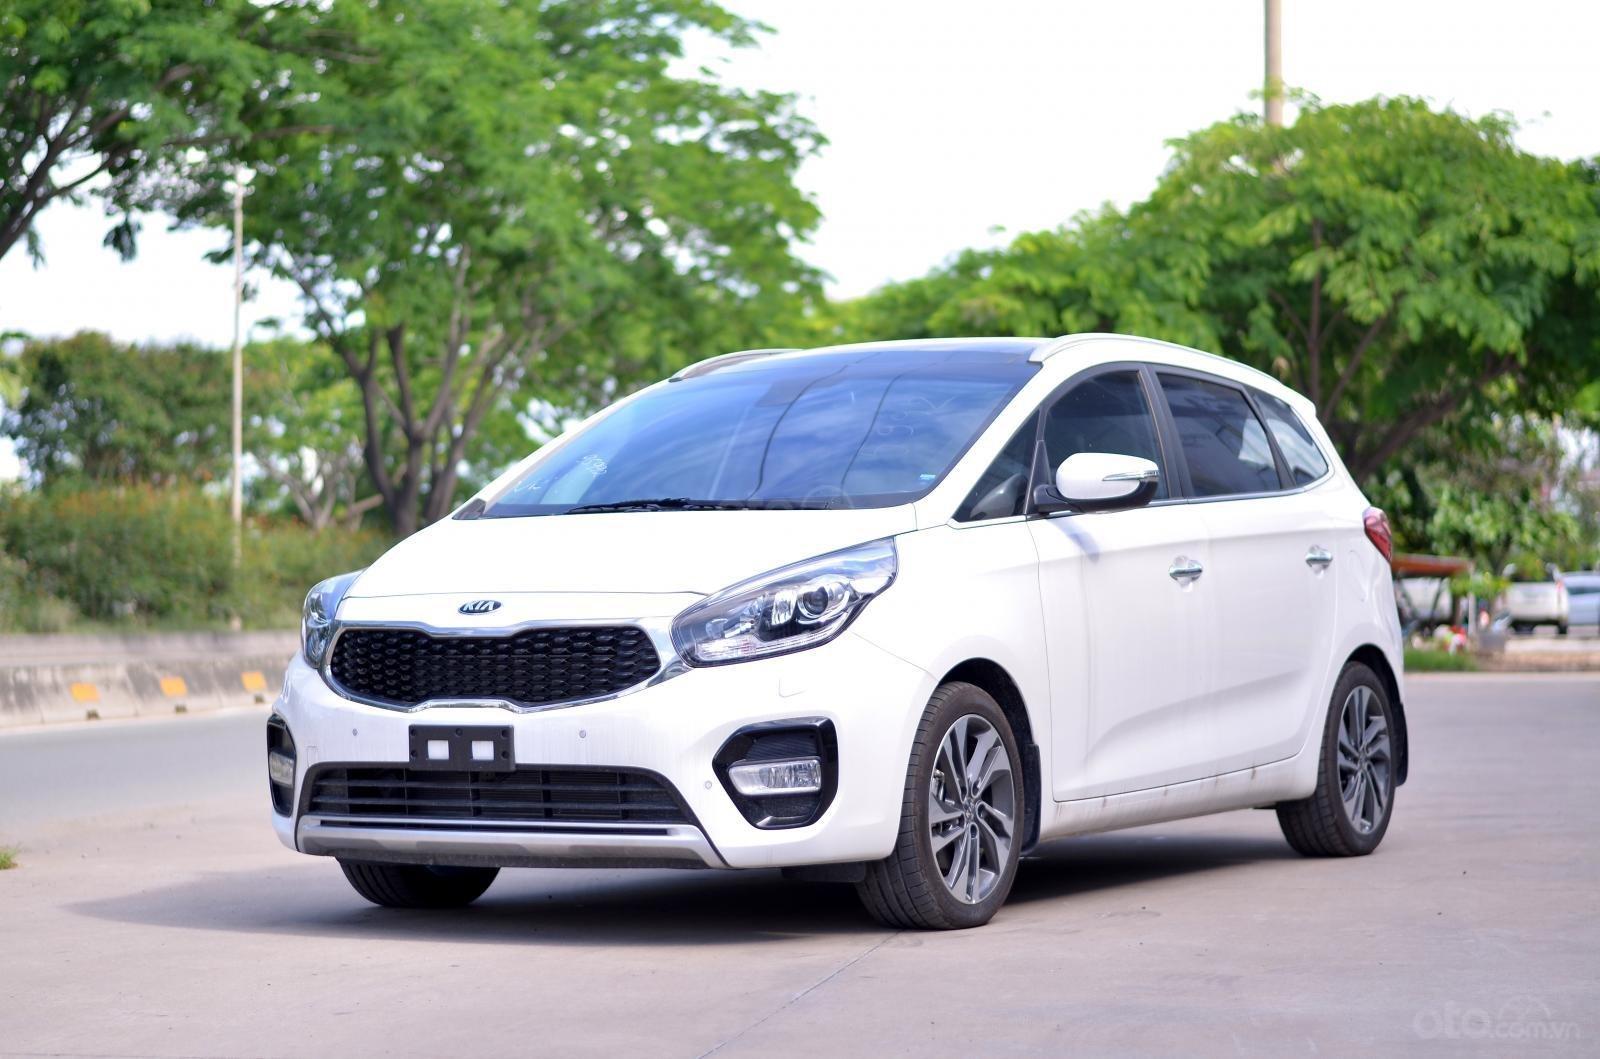 Bán Rondo 2019 - ưu đãi tốt nhất thị trường, gói bảo dưỡng xe, tặng bảo hiểm thân xe - ĐT: 0949820072-1